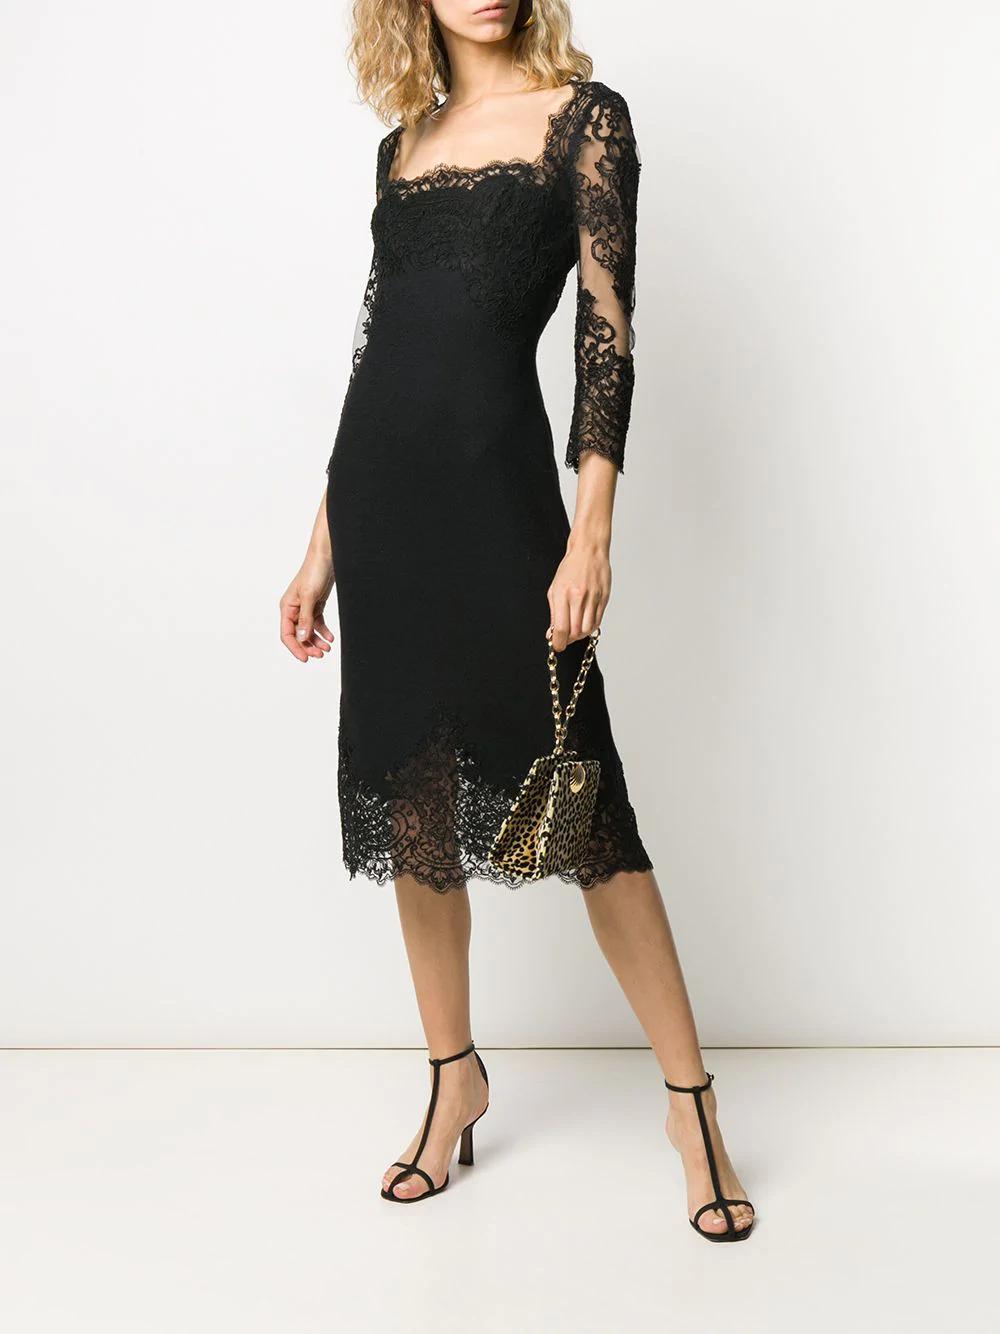 Ermanno Scervino Lace Panel Square Neck Dress Farfetch Square Neck Dress Dresses Lace Dress Black [ 1334 x 1000 Pixel ]